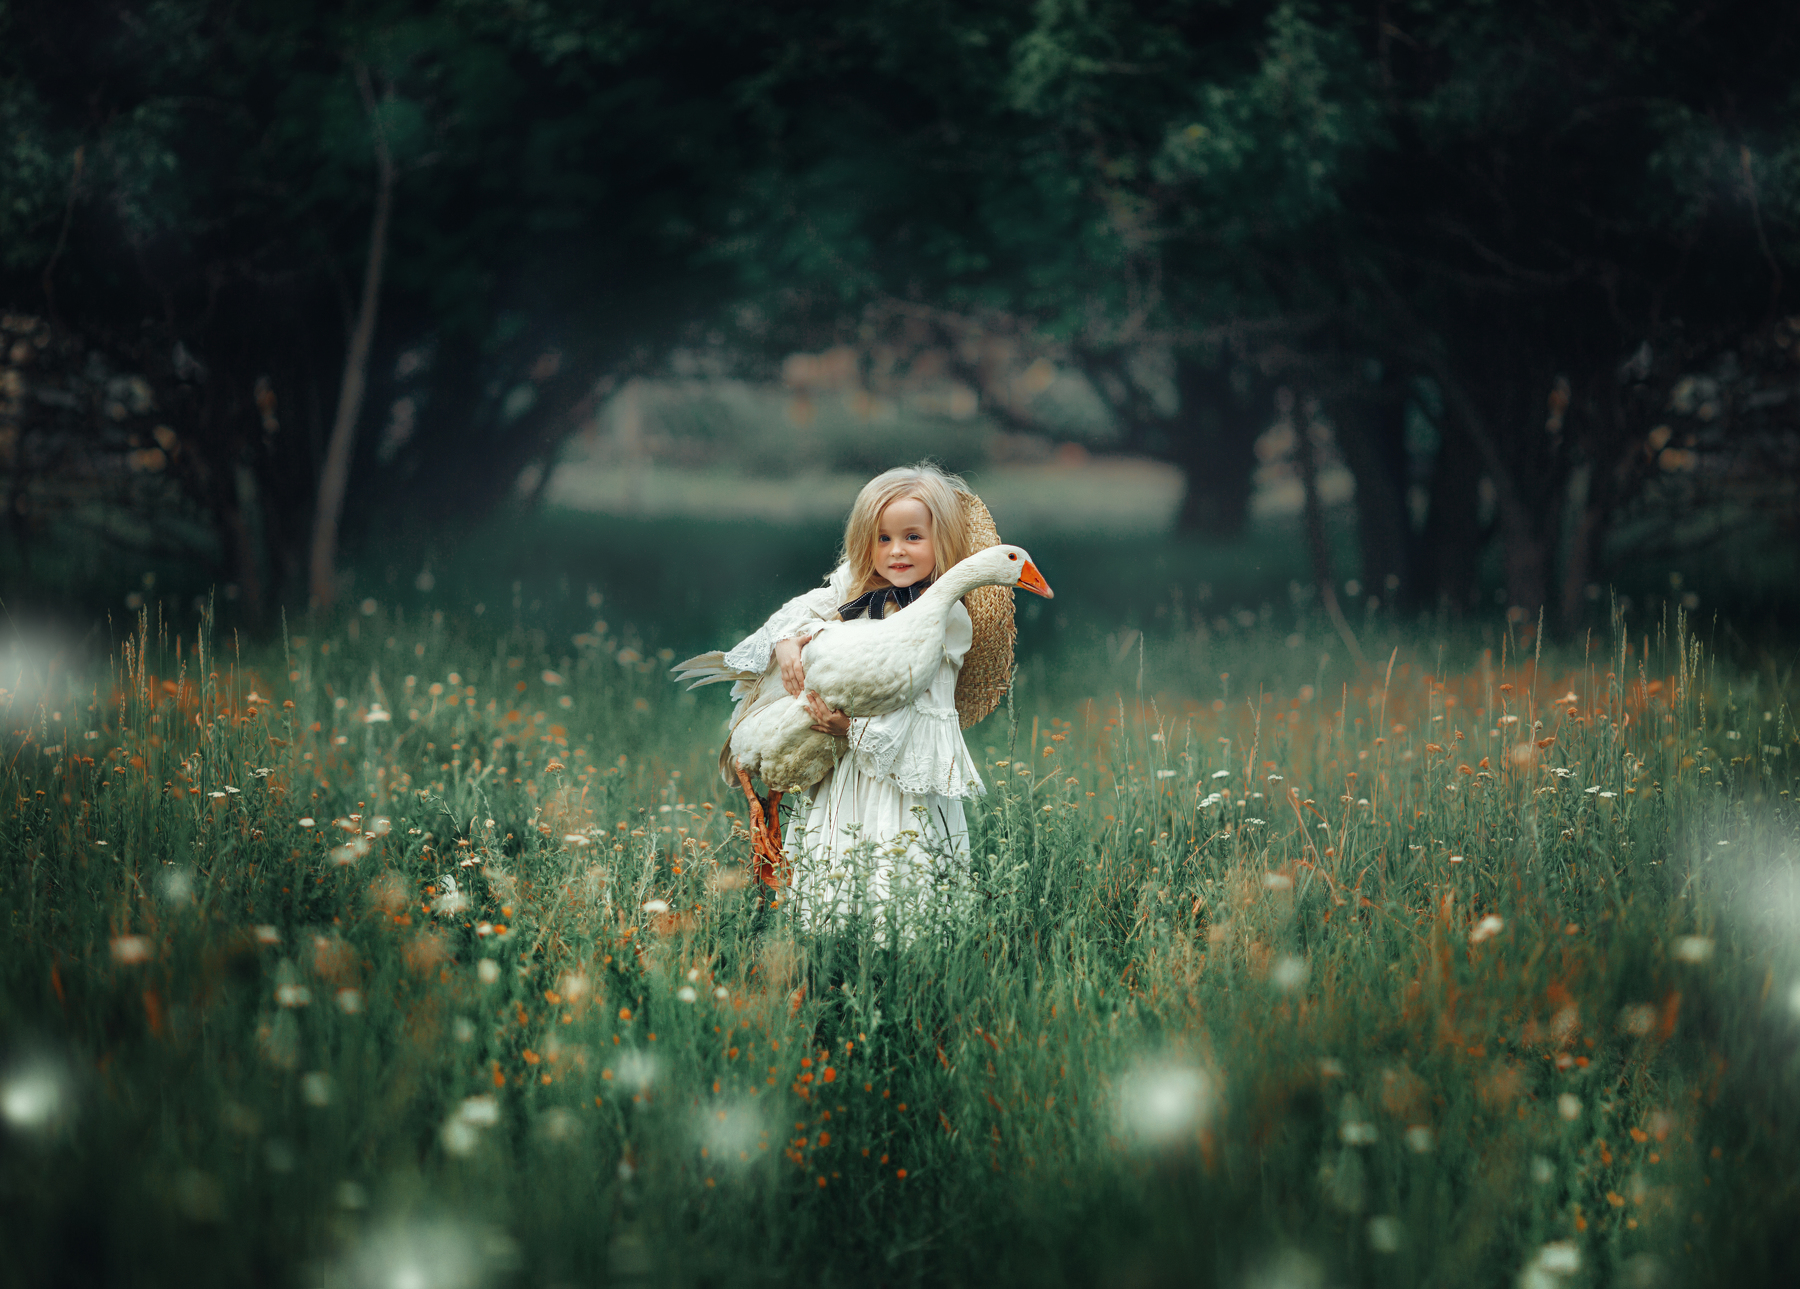 Фото Девочка с гусем на руках стоит на поляне, фотограф Мытник Валерия